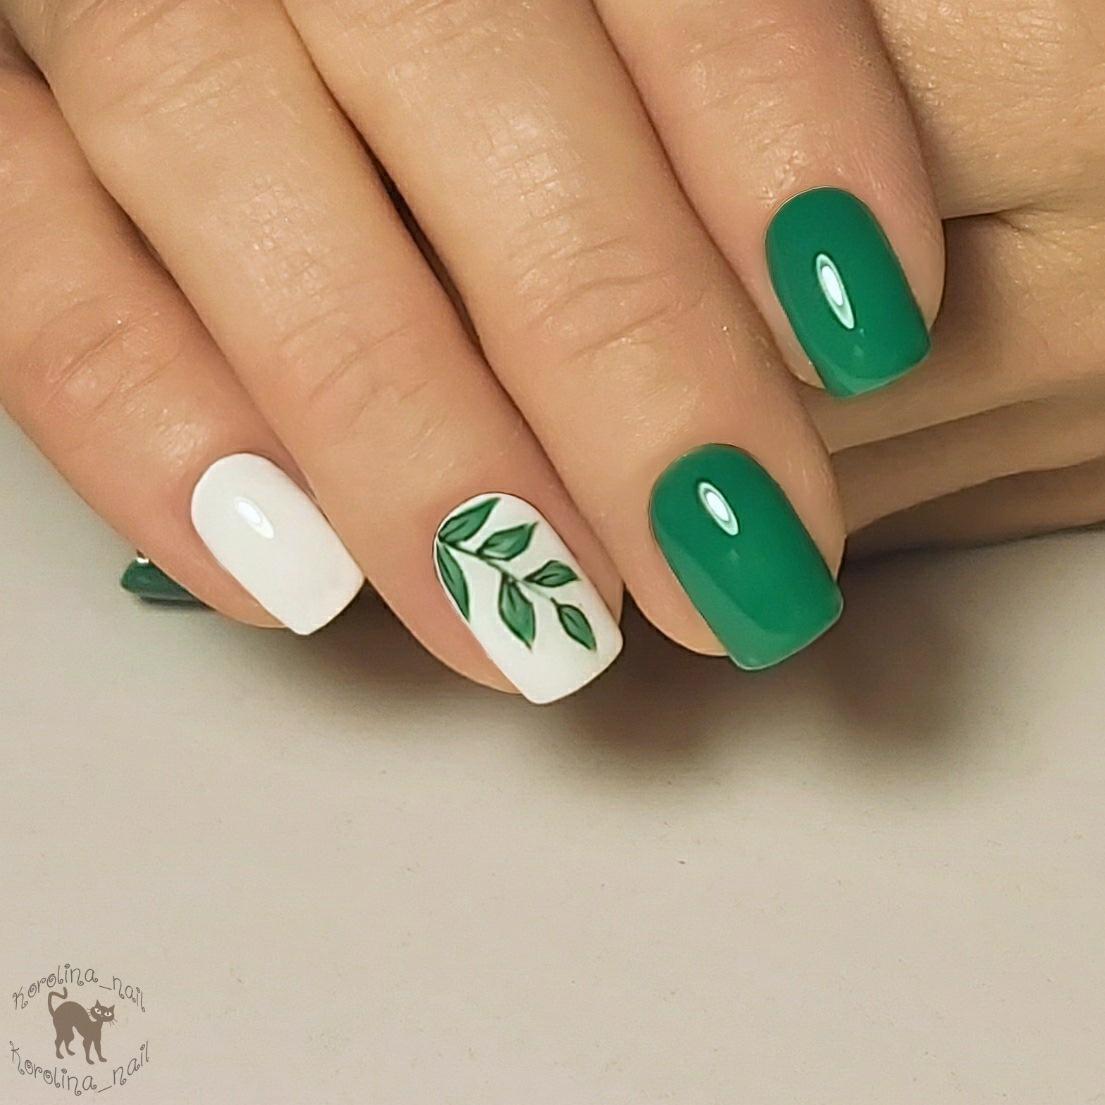 Маникюр с растительным рисунком в зеленом цвете на короткие ногти.